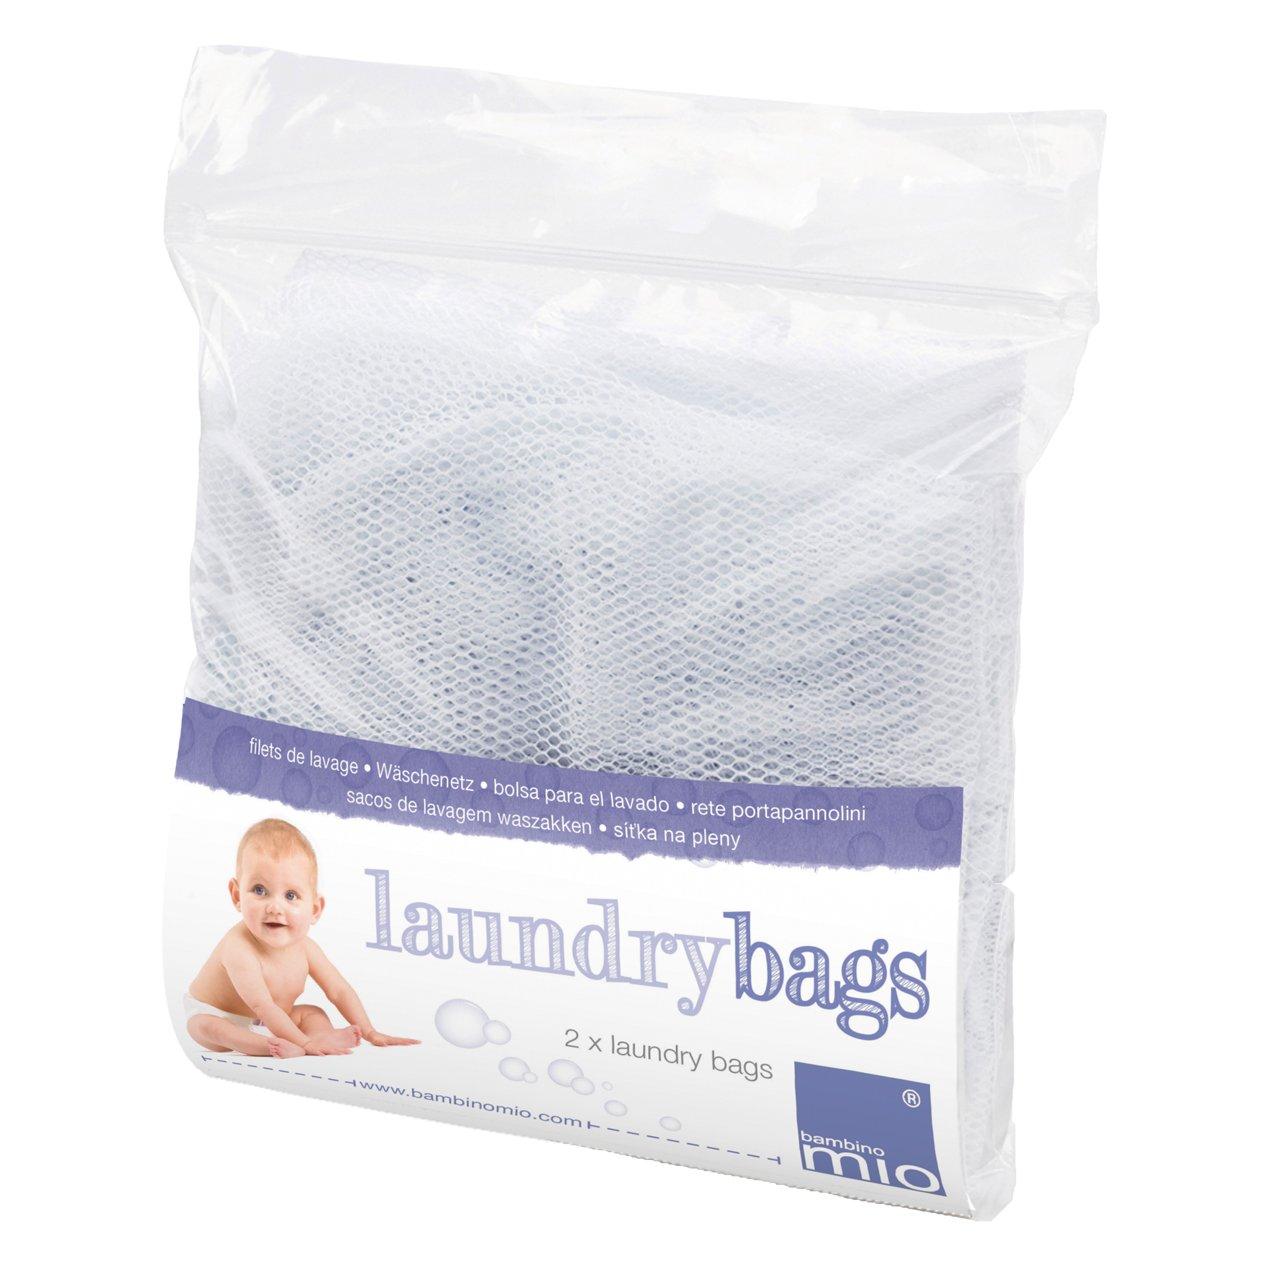 Bambino Mio - Pack de accesorios para bebé: Amazon.es: Salud y cuidado personal